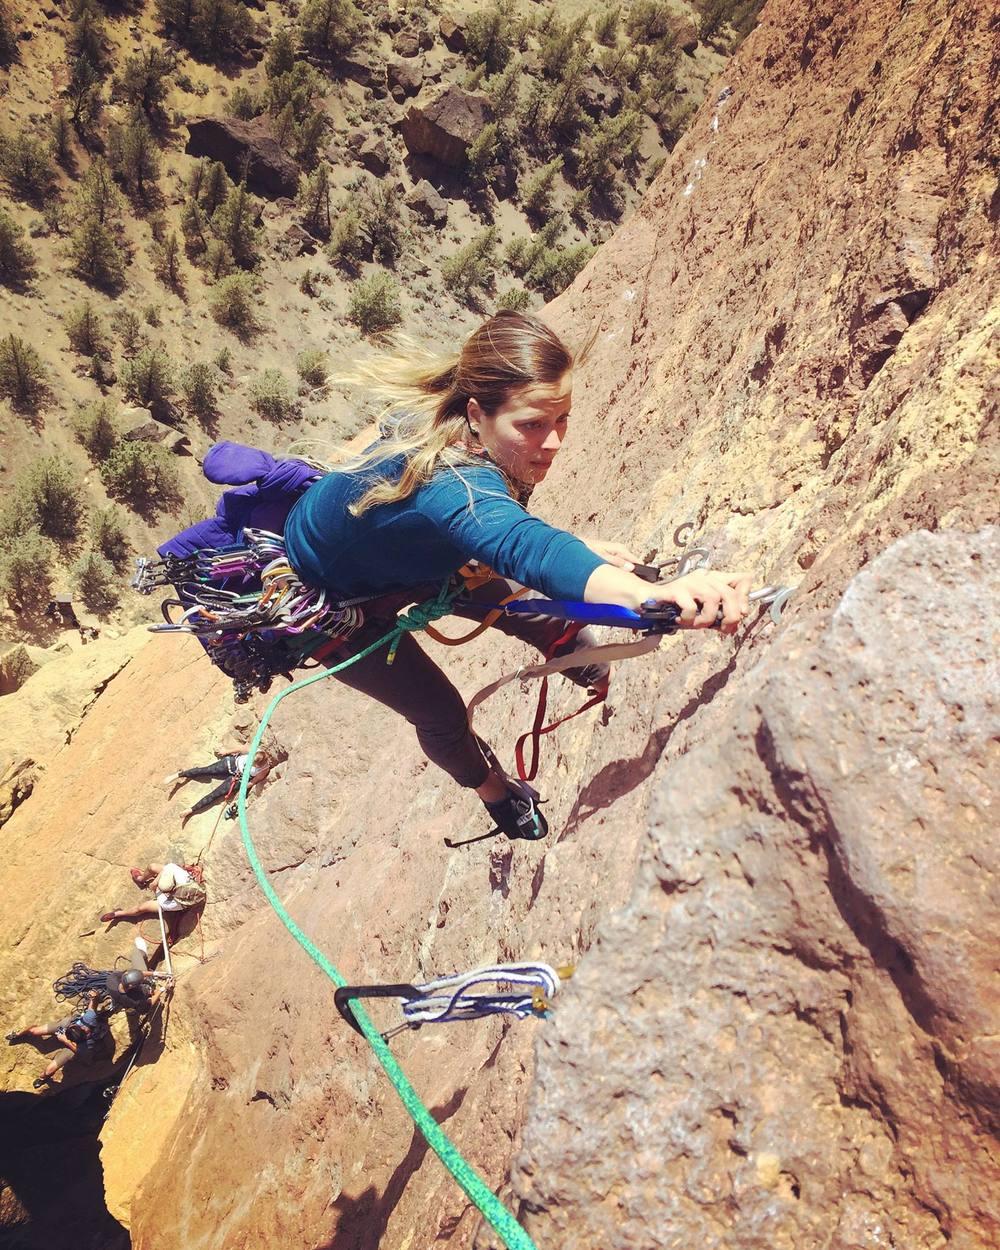 Mackenzie burls up the aid ladder on Monkey Face (5.8), Smith Rock, Oregon